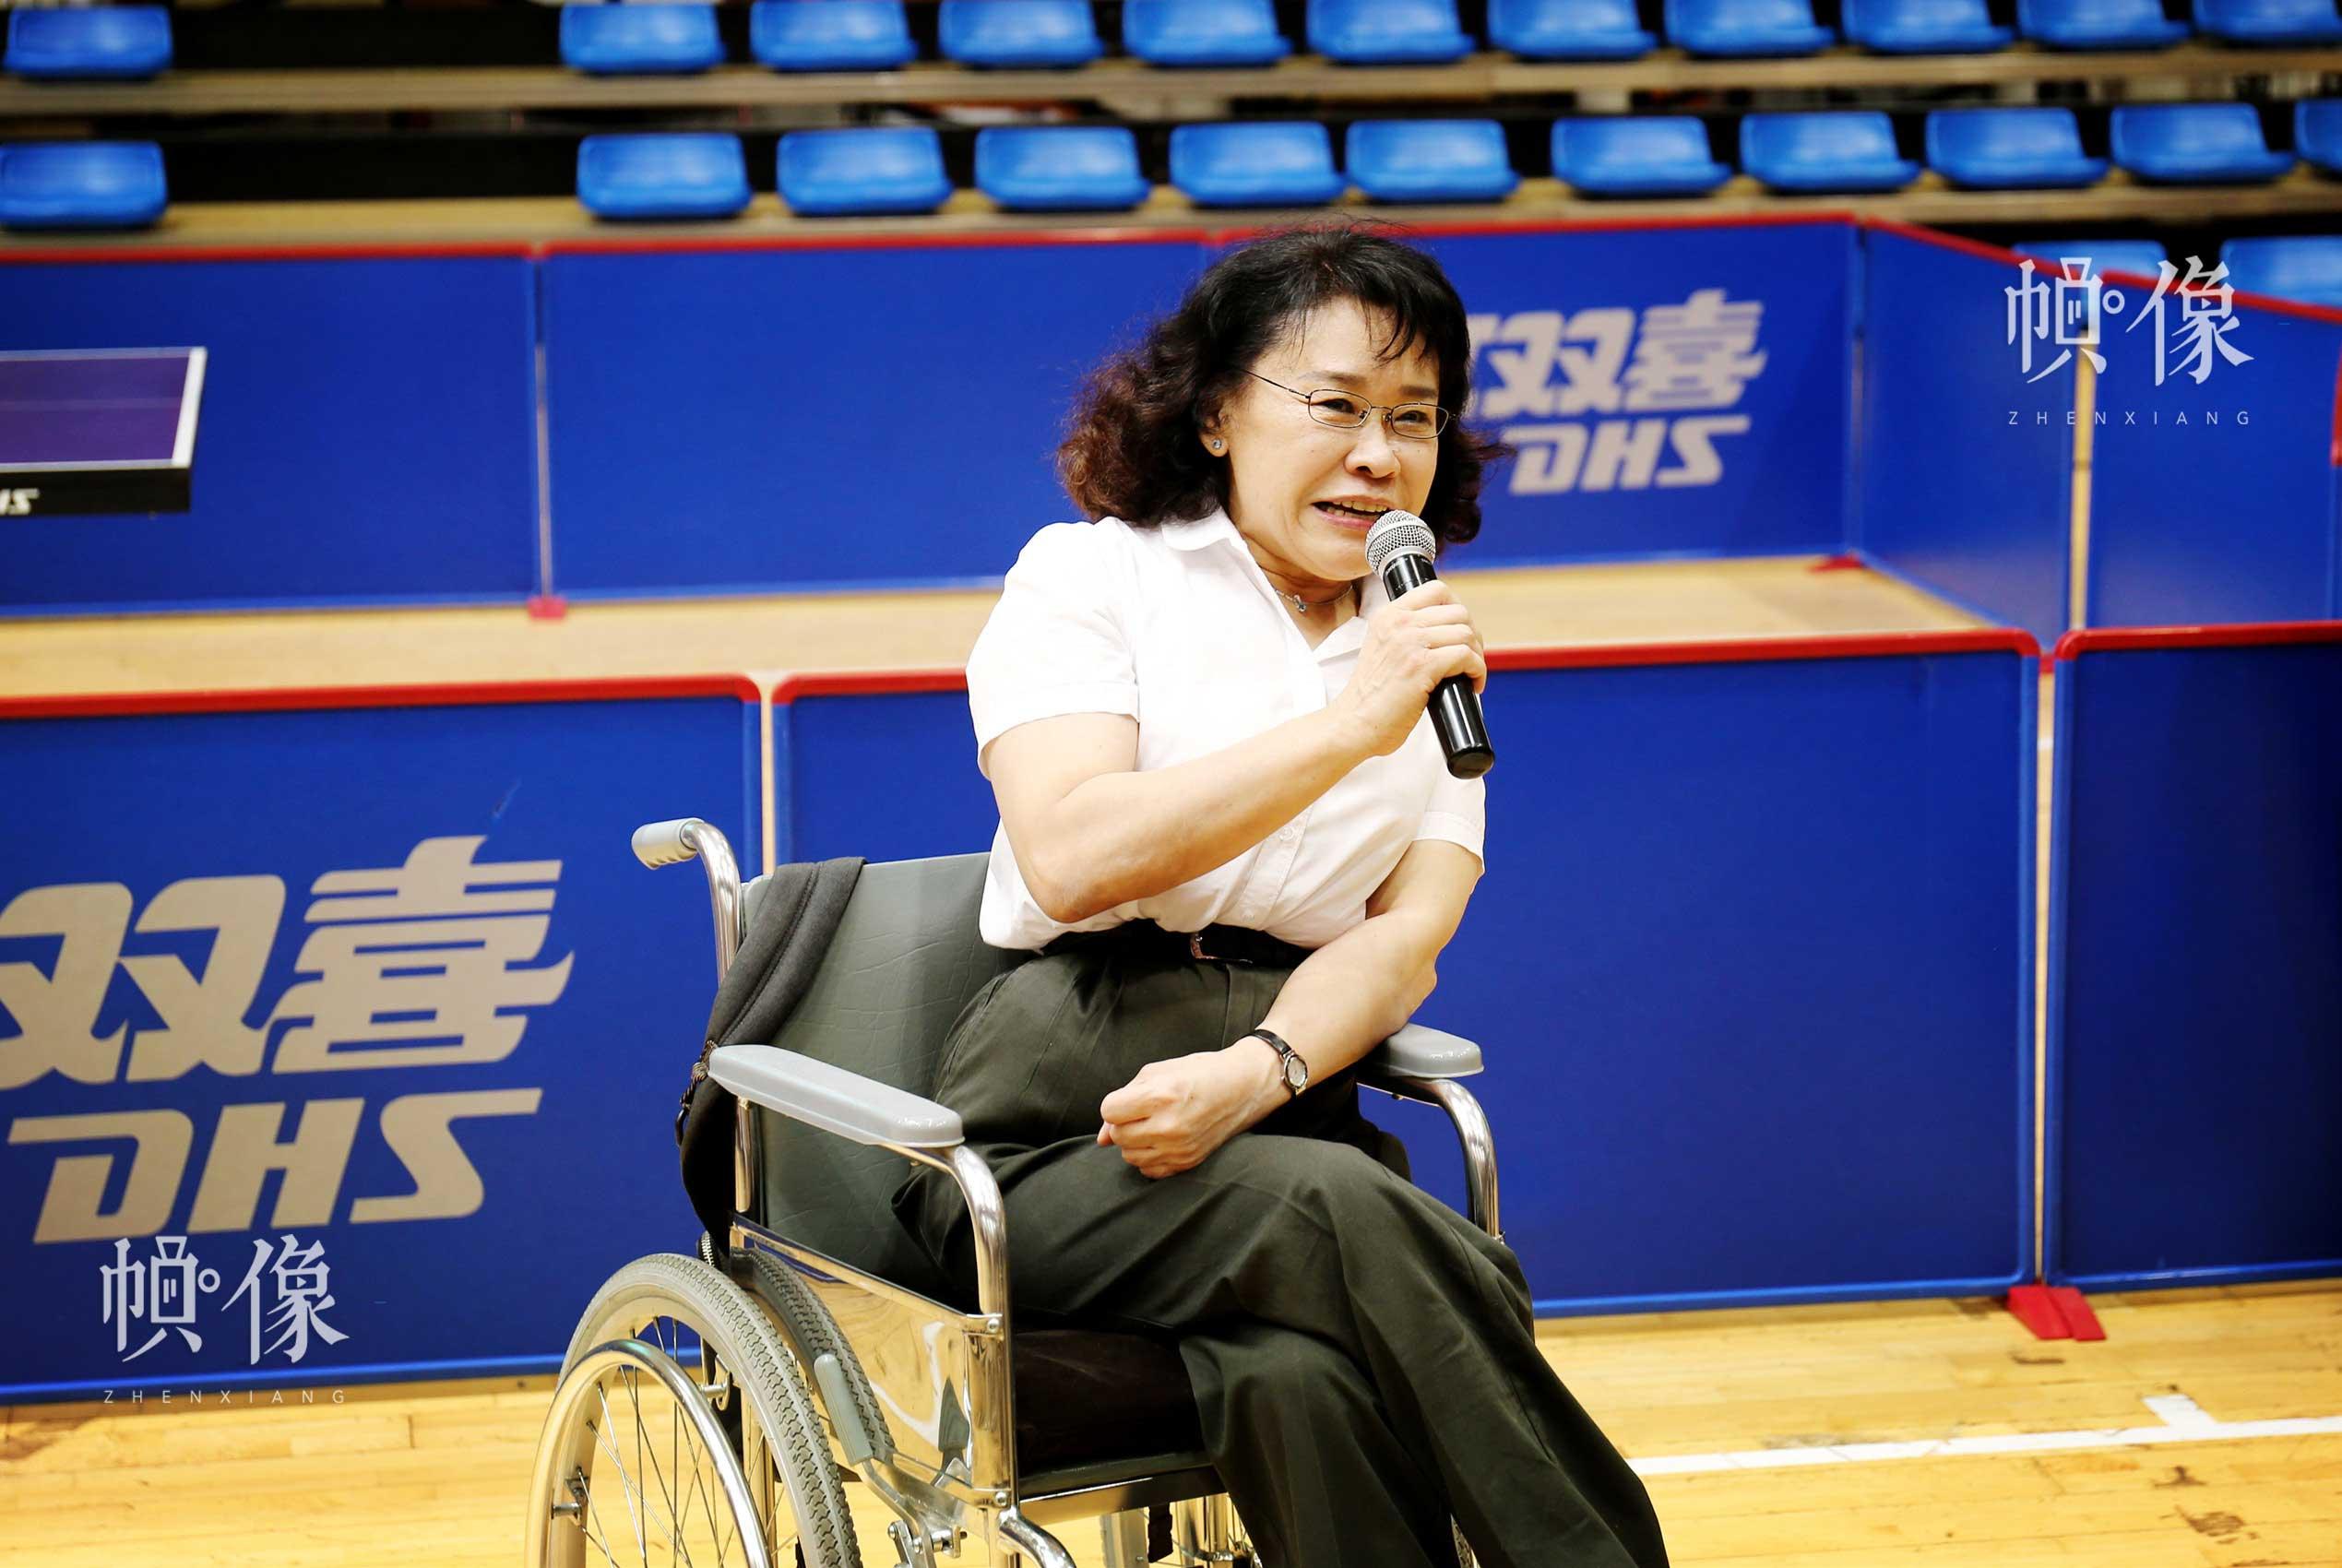 中国残联主席、中国残奥会主席张海迪在第七届残疾人健身周推广日活动现场致辞。中国网记者 王梦泽 摄